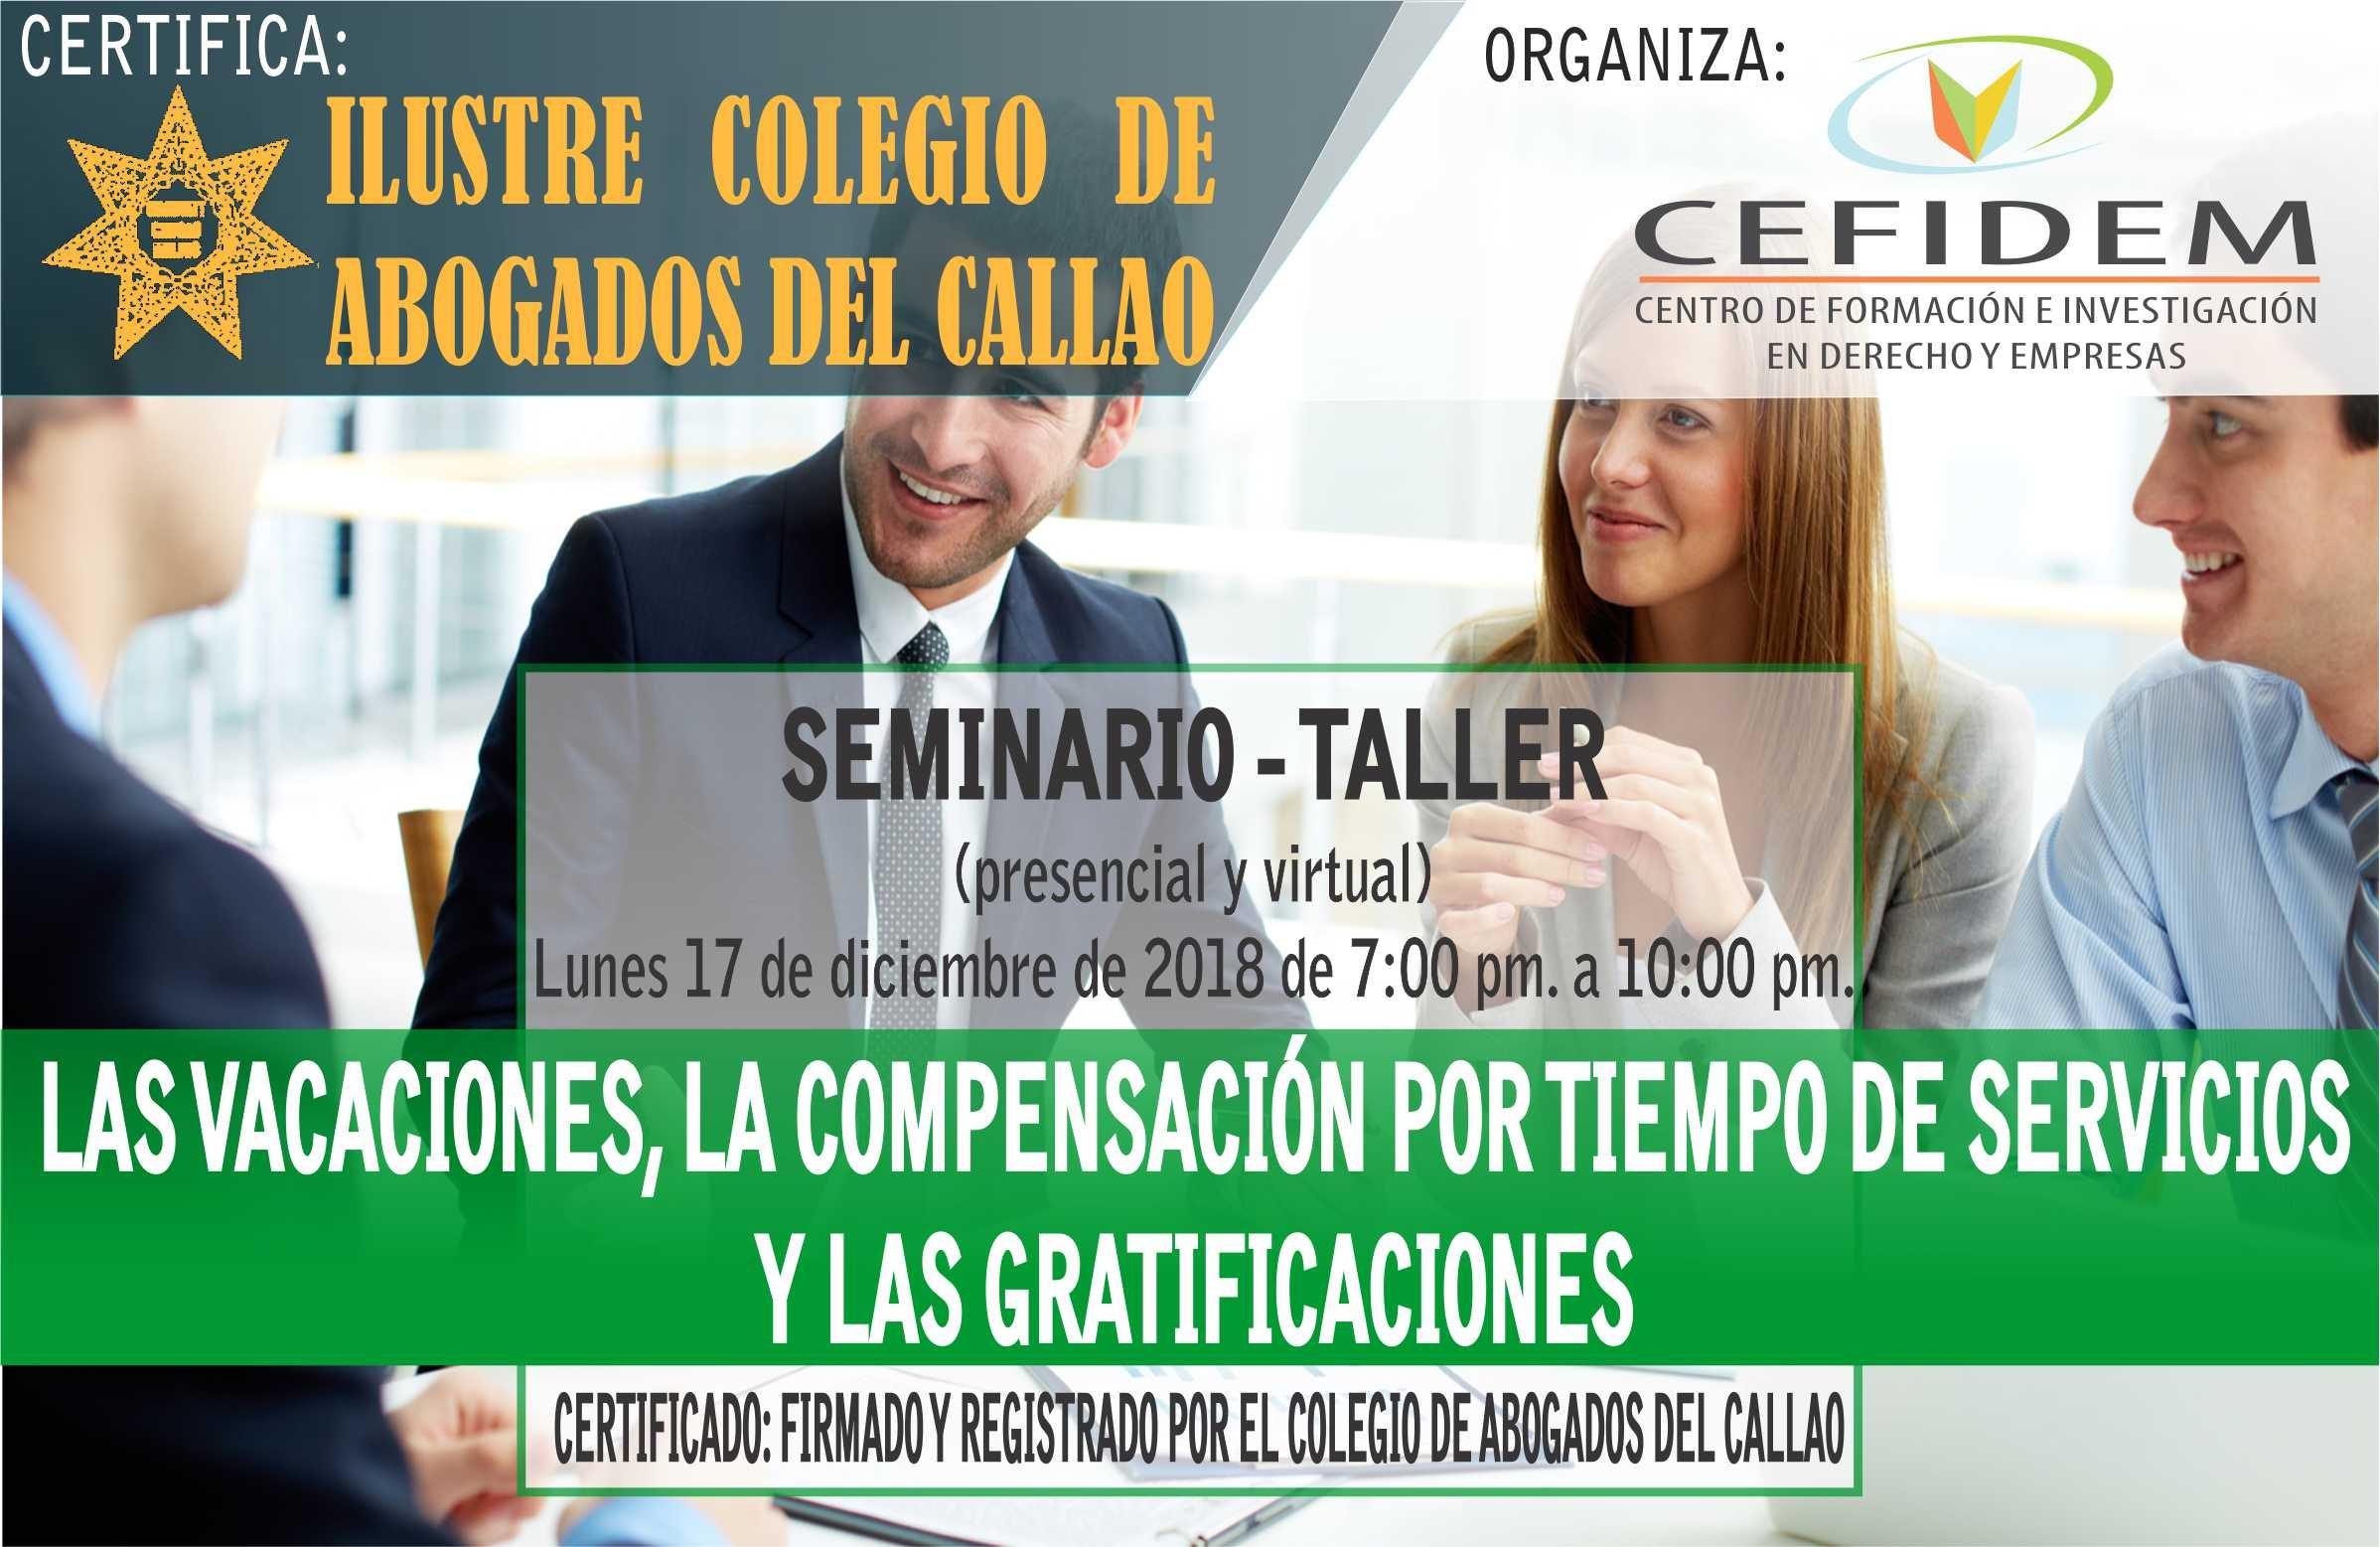 Seminario: LAS VACACIONES, LA COMPENSACIÓN POR TIEMPO DE SERVICIOS Y LAS GRATIFICACIONES (17/12/18)